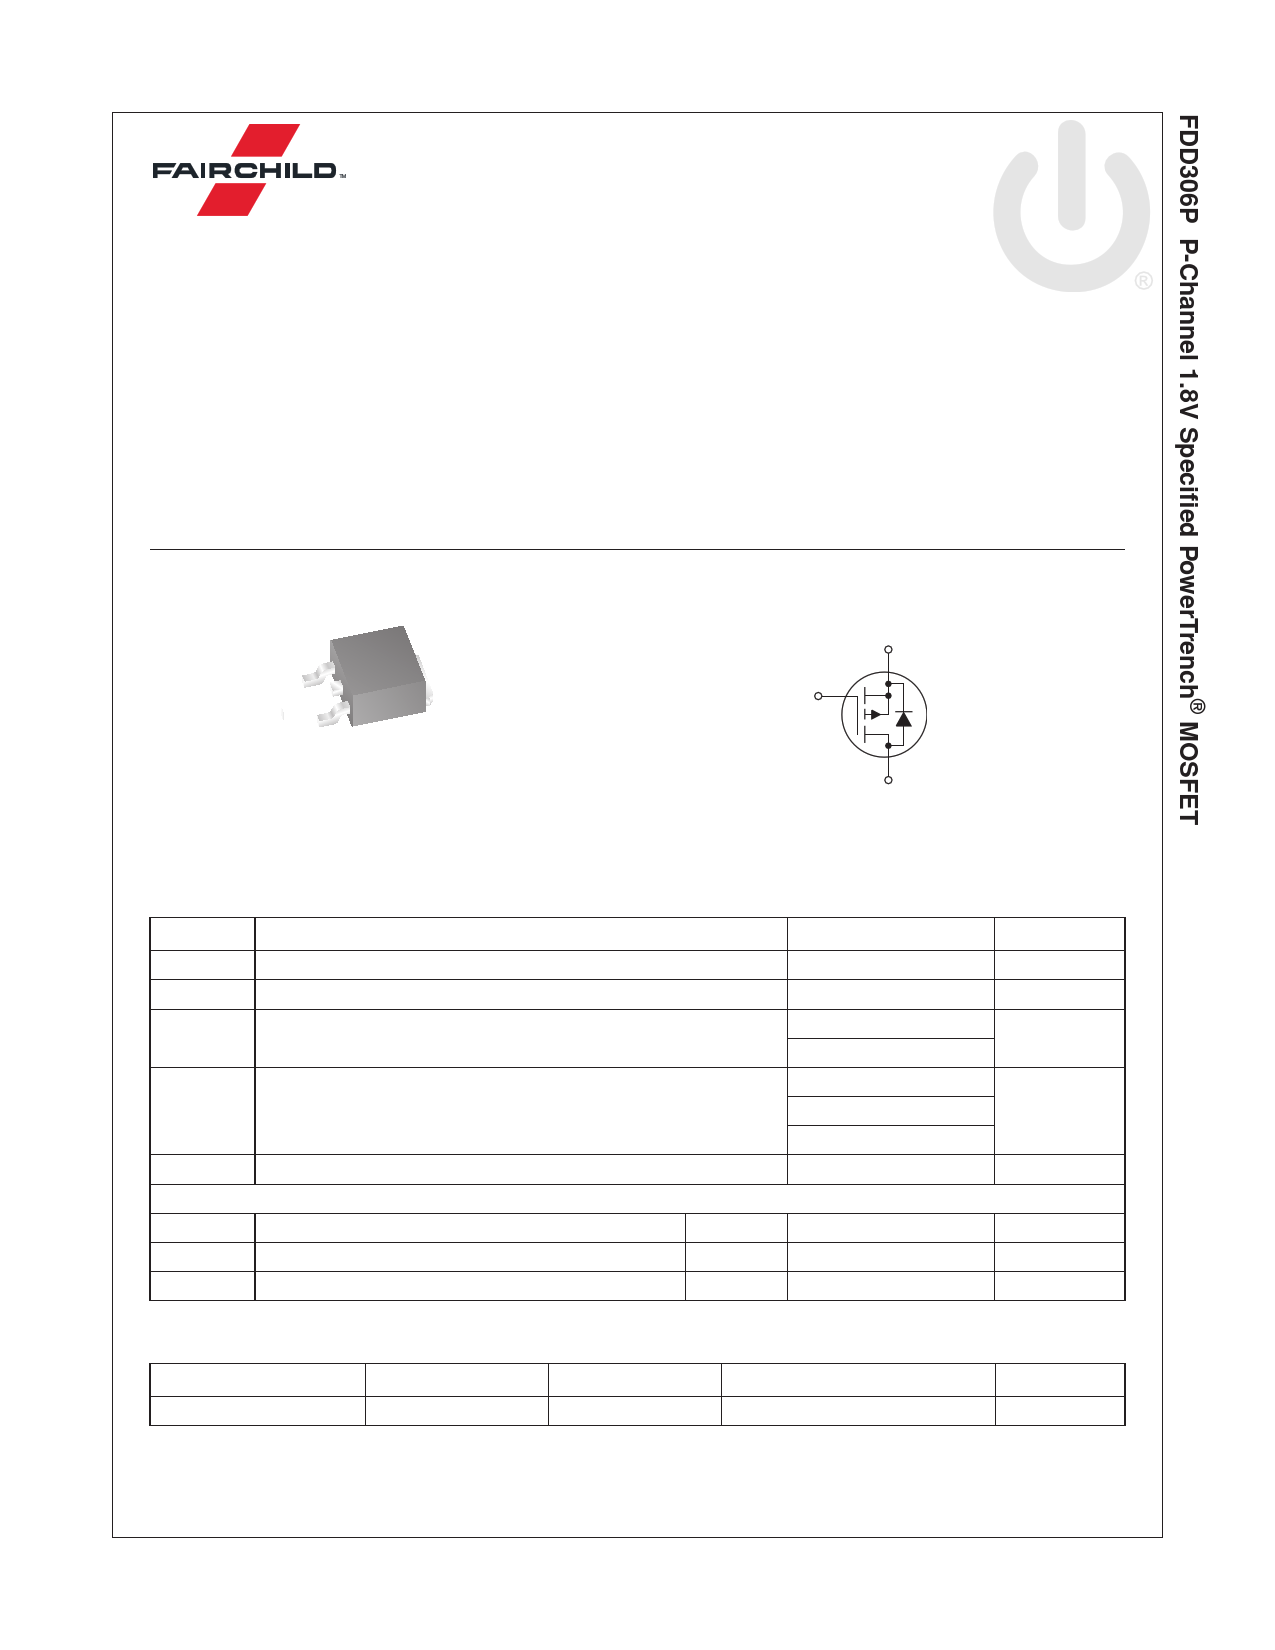 FDD306P 데이터시트 및 FDD306P PDF